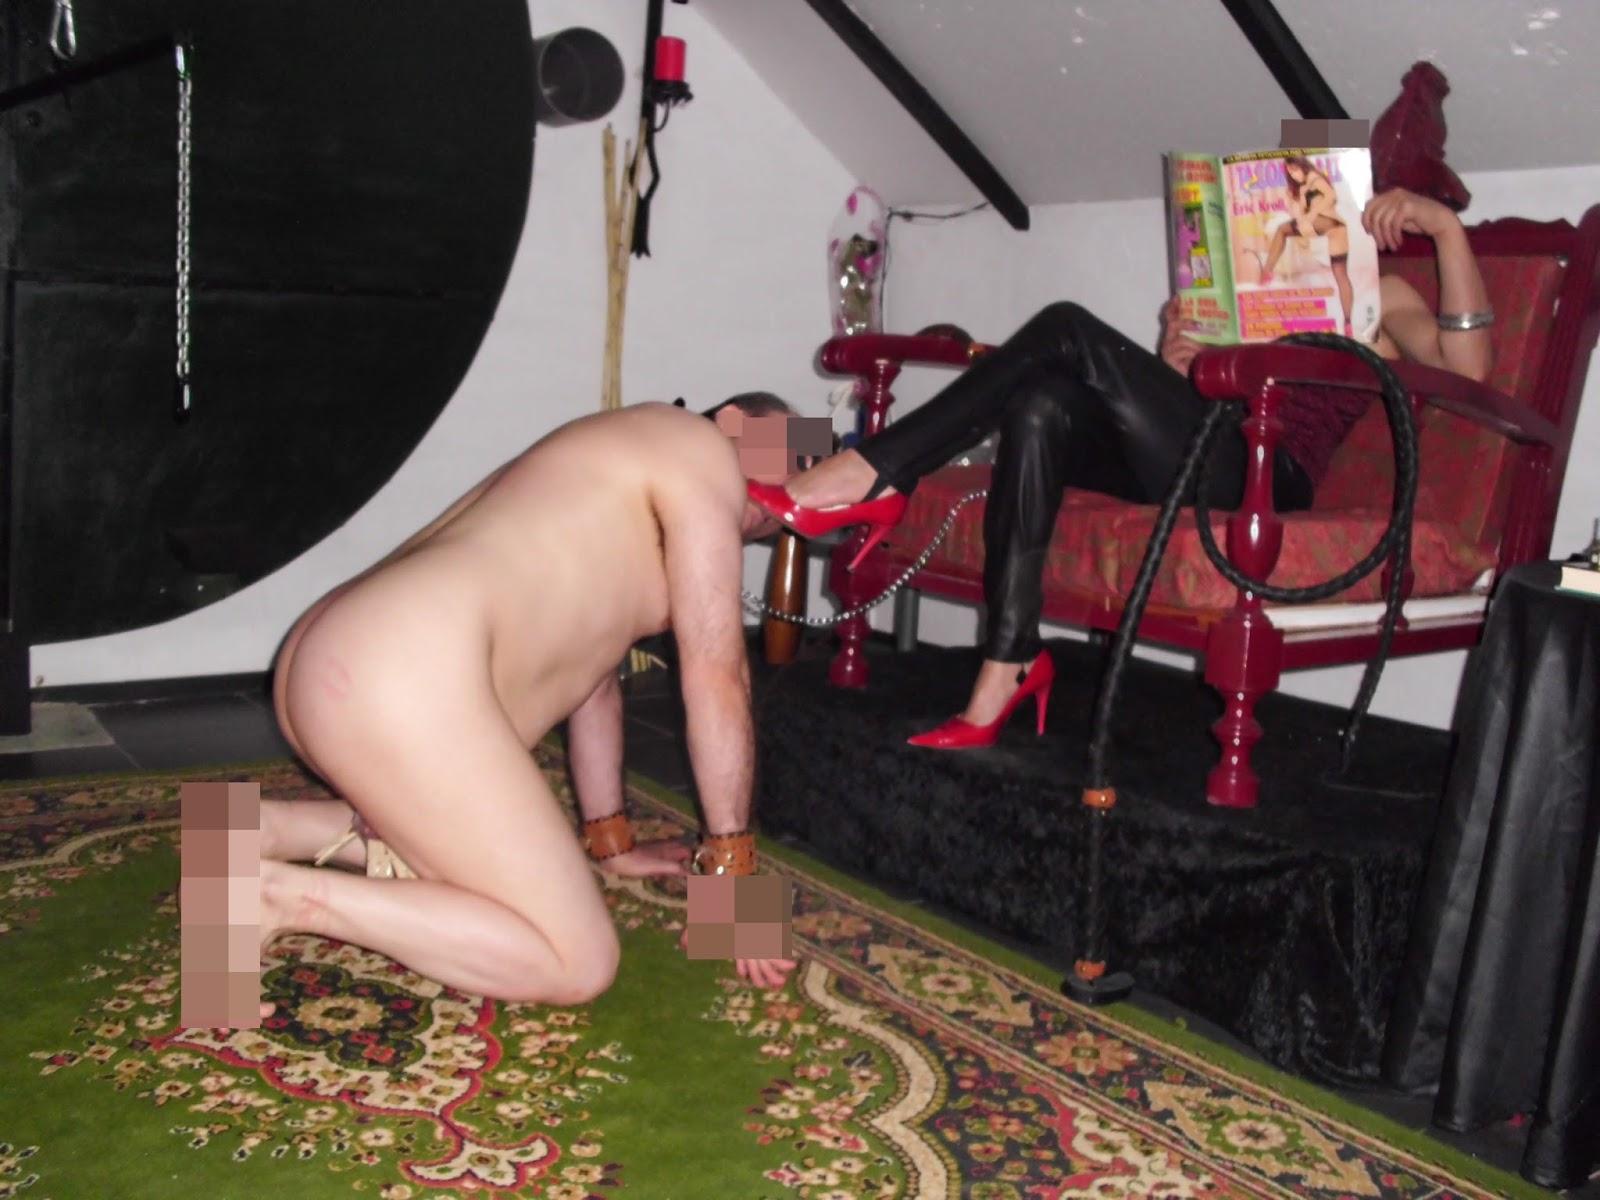 Enculando a un esclavo en el suelo - 3 part 4